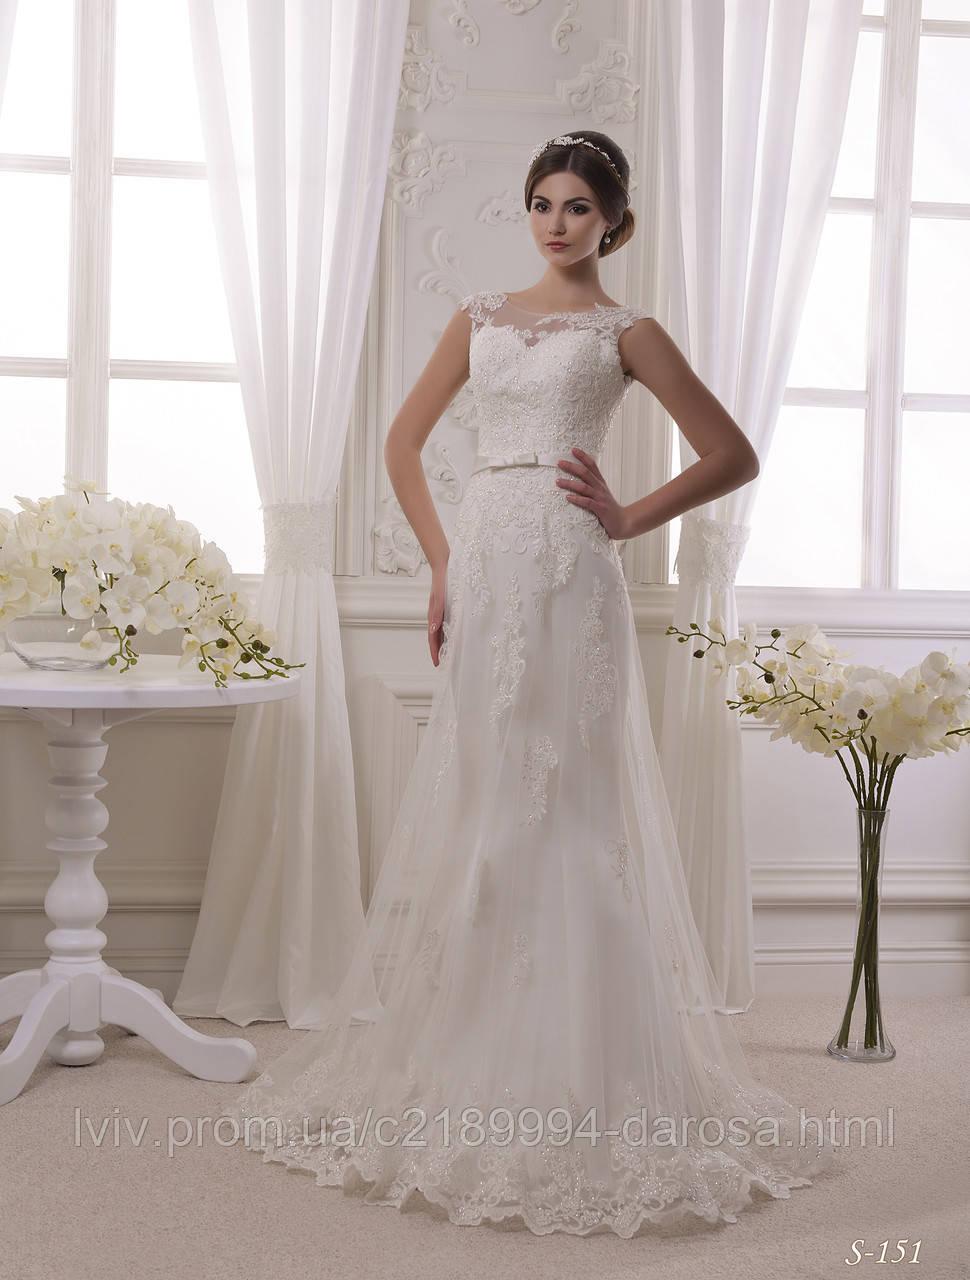 Свадебные платья с накладной юбкой